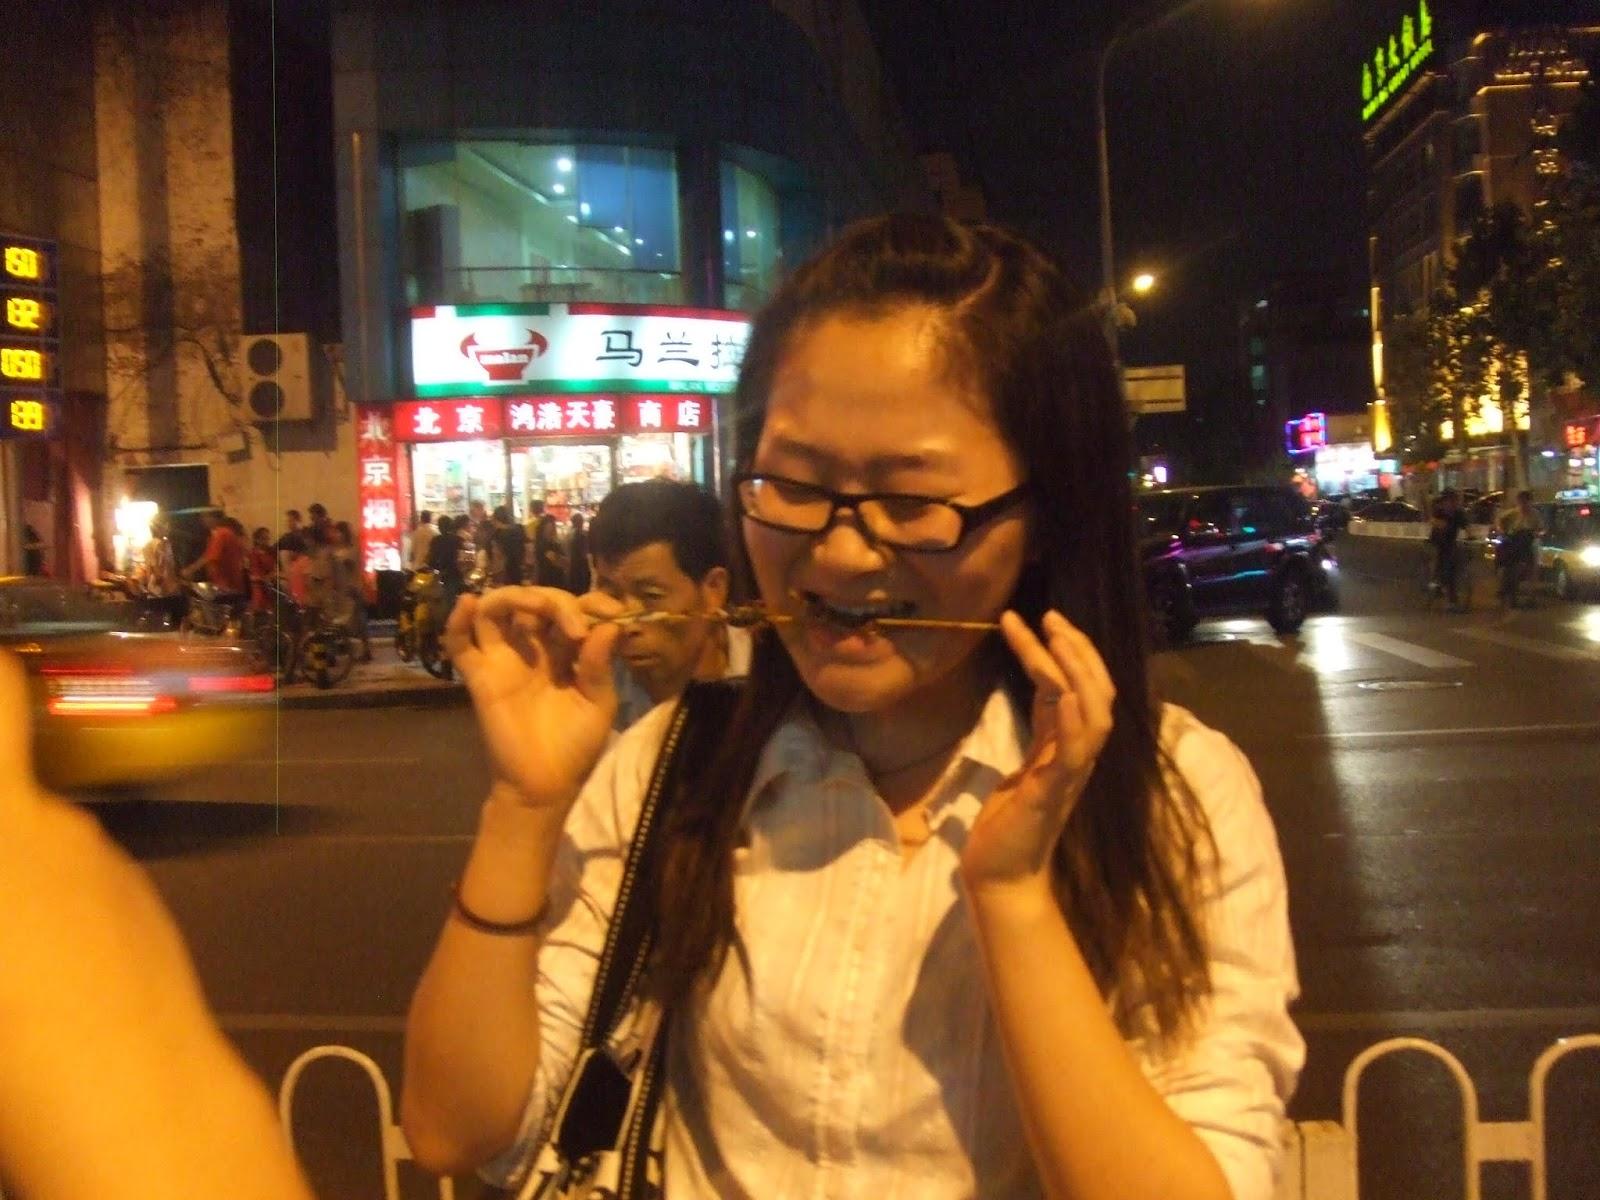 Chinesin isst Skorpion am Abend in der Stadt